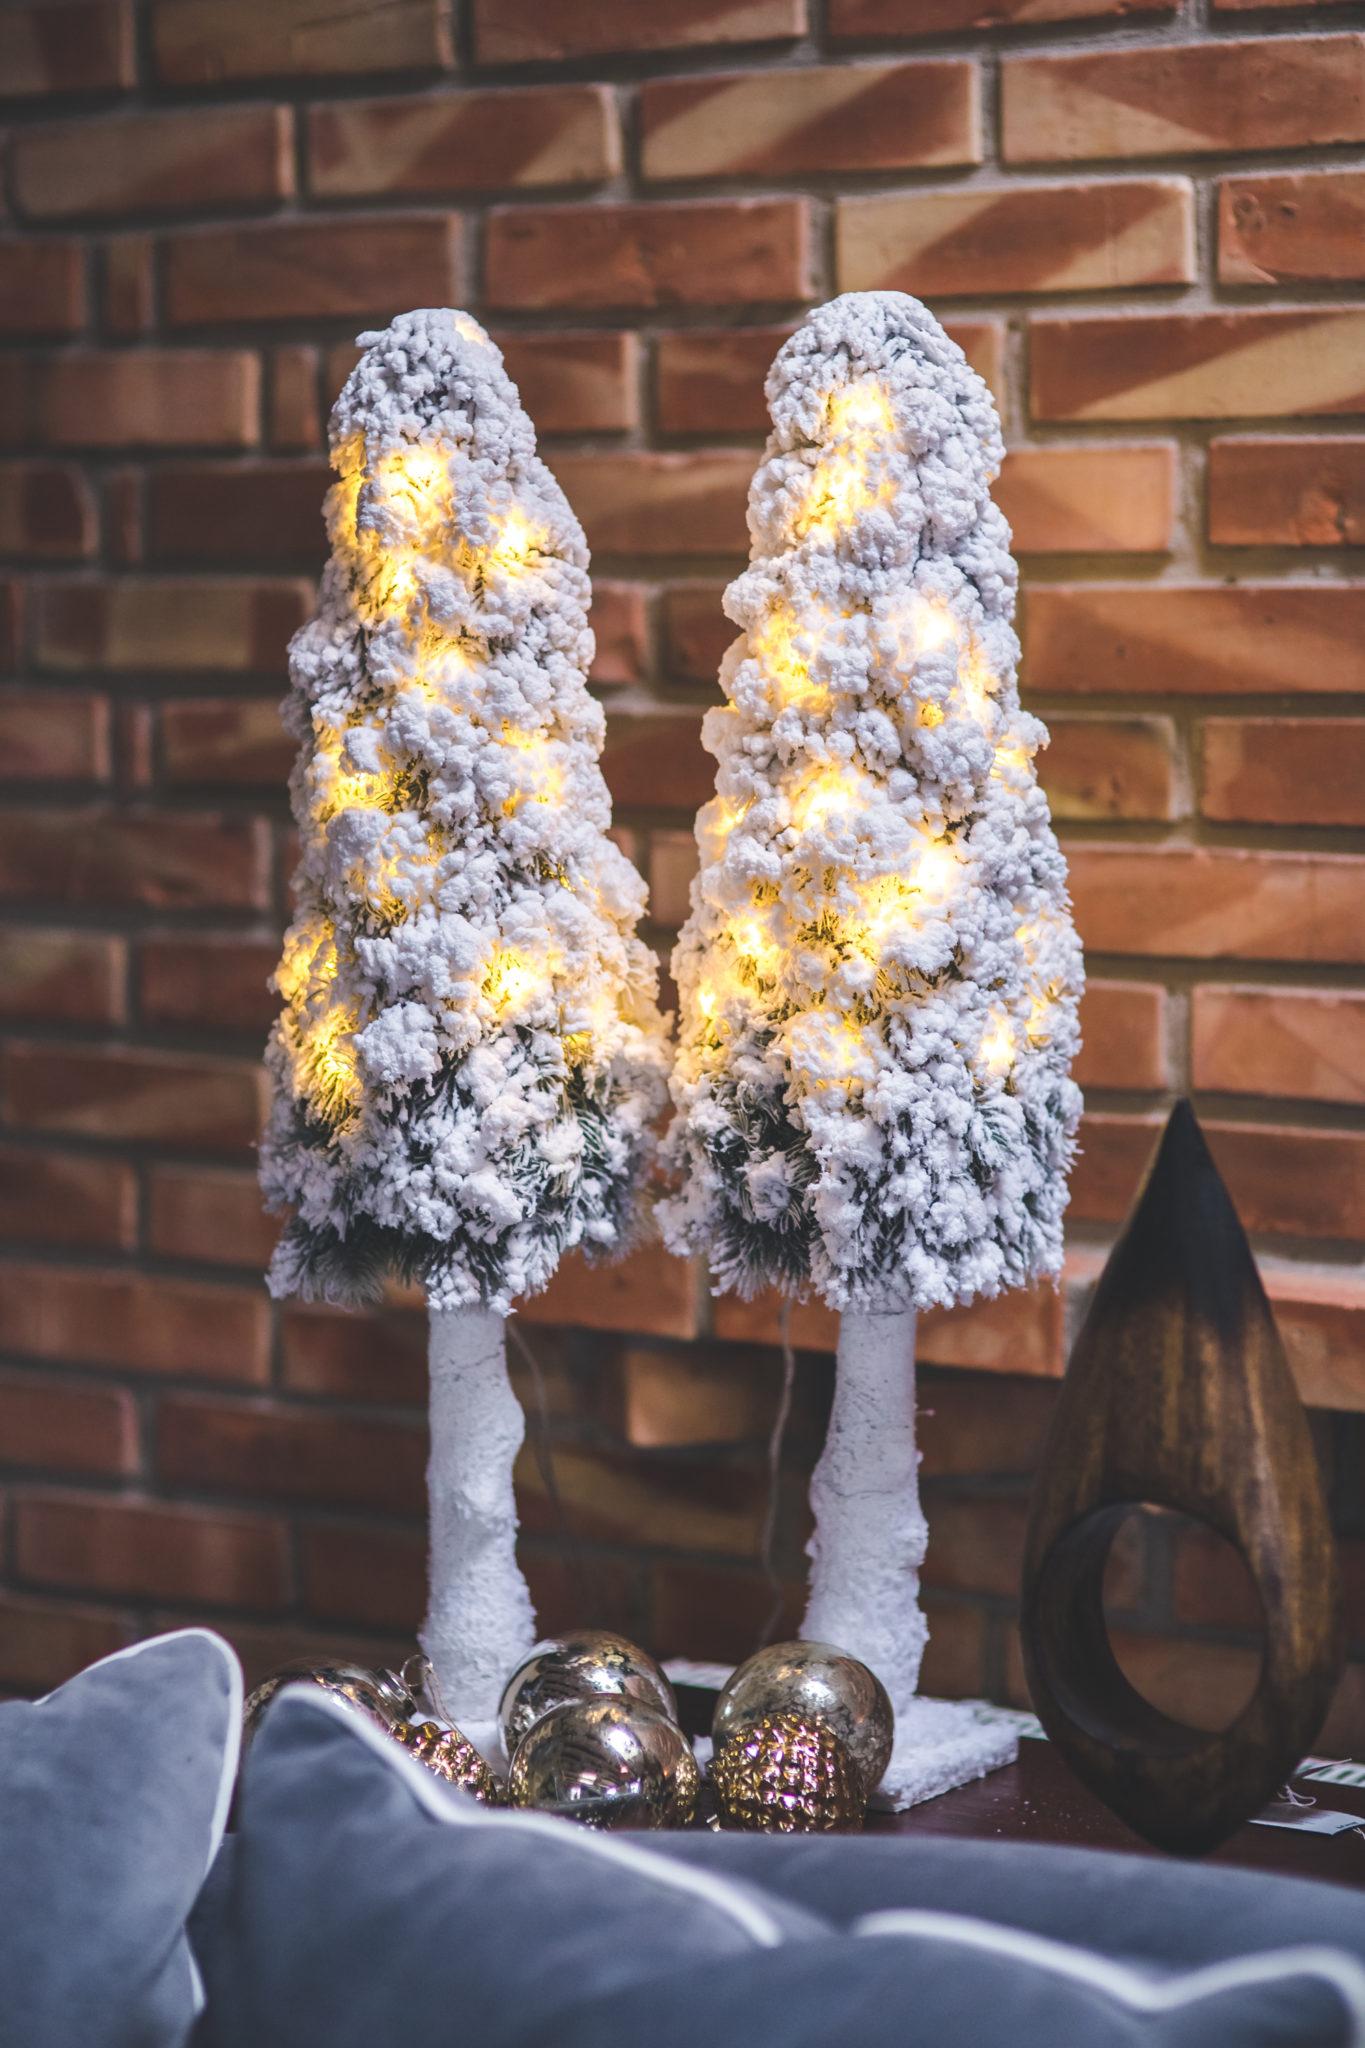 3 aniol swiety mikolaj choinka wigilia kartka swiateczna zyczenia na boze narodzenie xmas handmade postcard christmas wishes home decor interior design ozdoby na swieta projektowanie